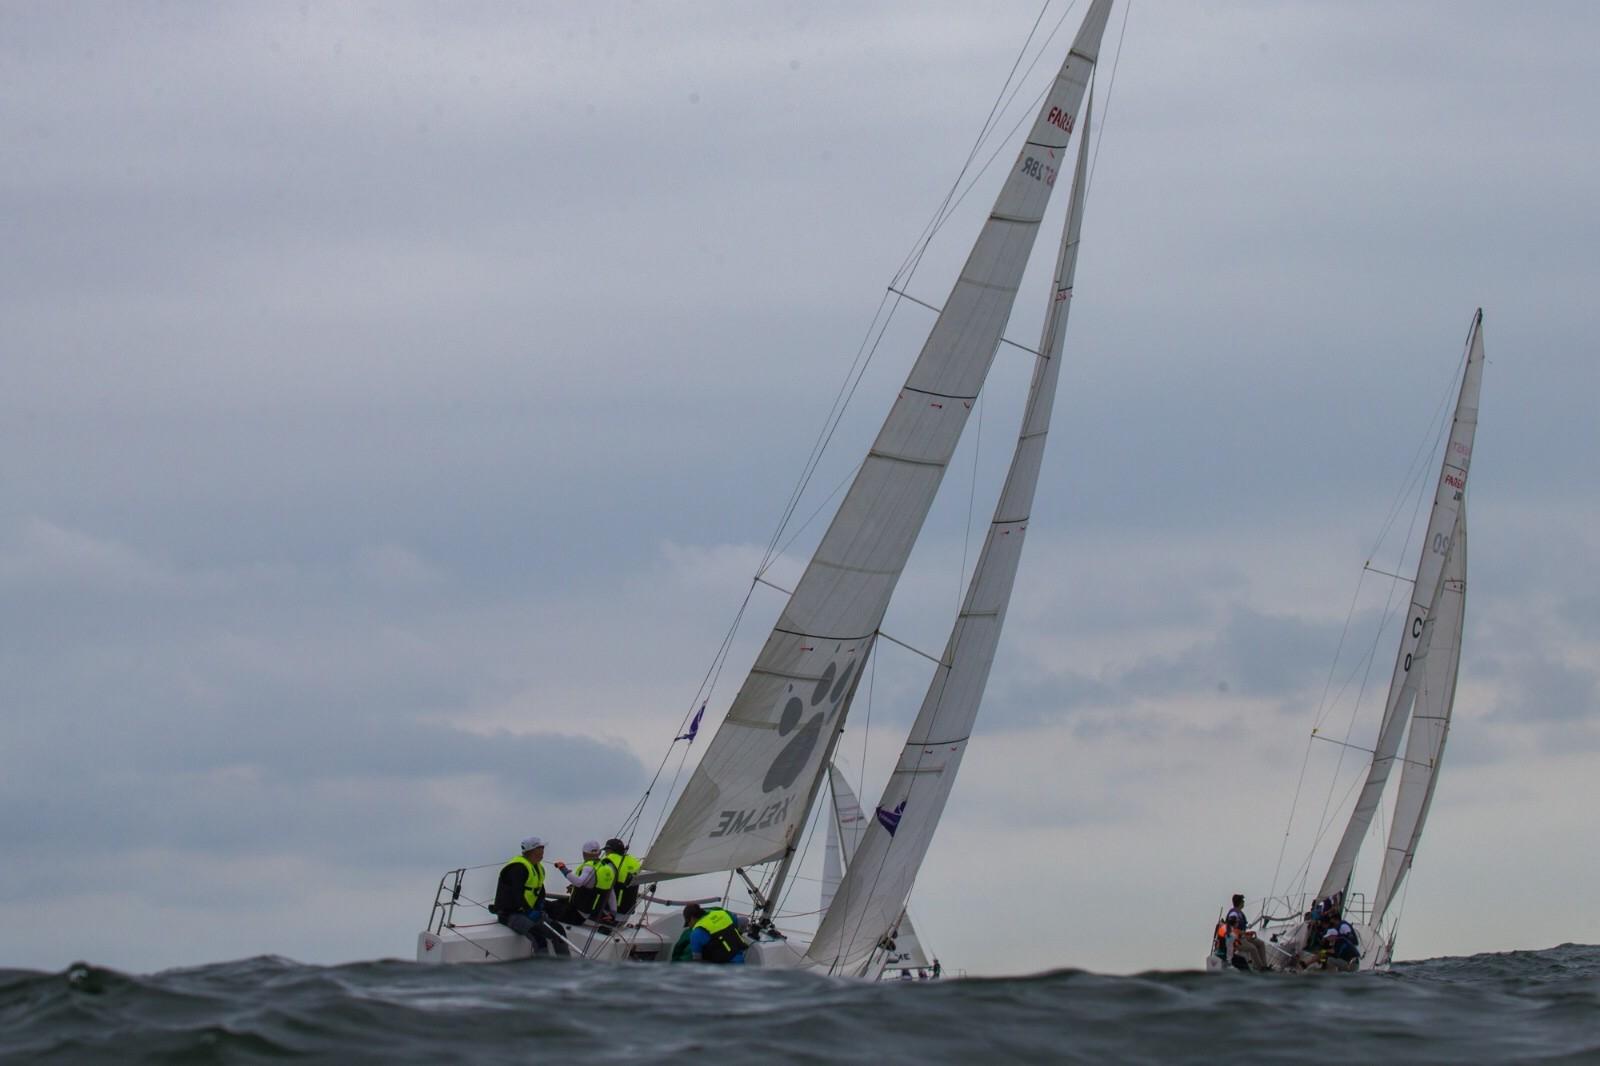 我们,帆船,毕竟,风向,都是 喉咙喊破,收获满满-秦皇岛河港杯帆船赛赛后总结  152700u0d6221e